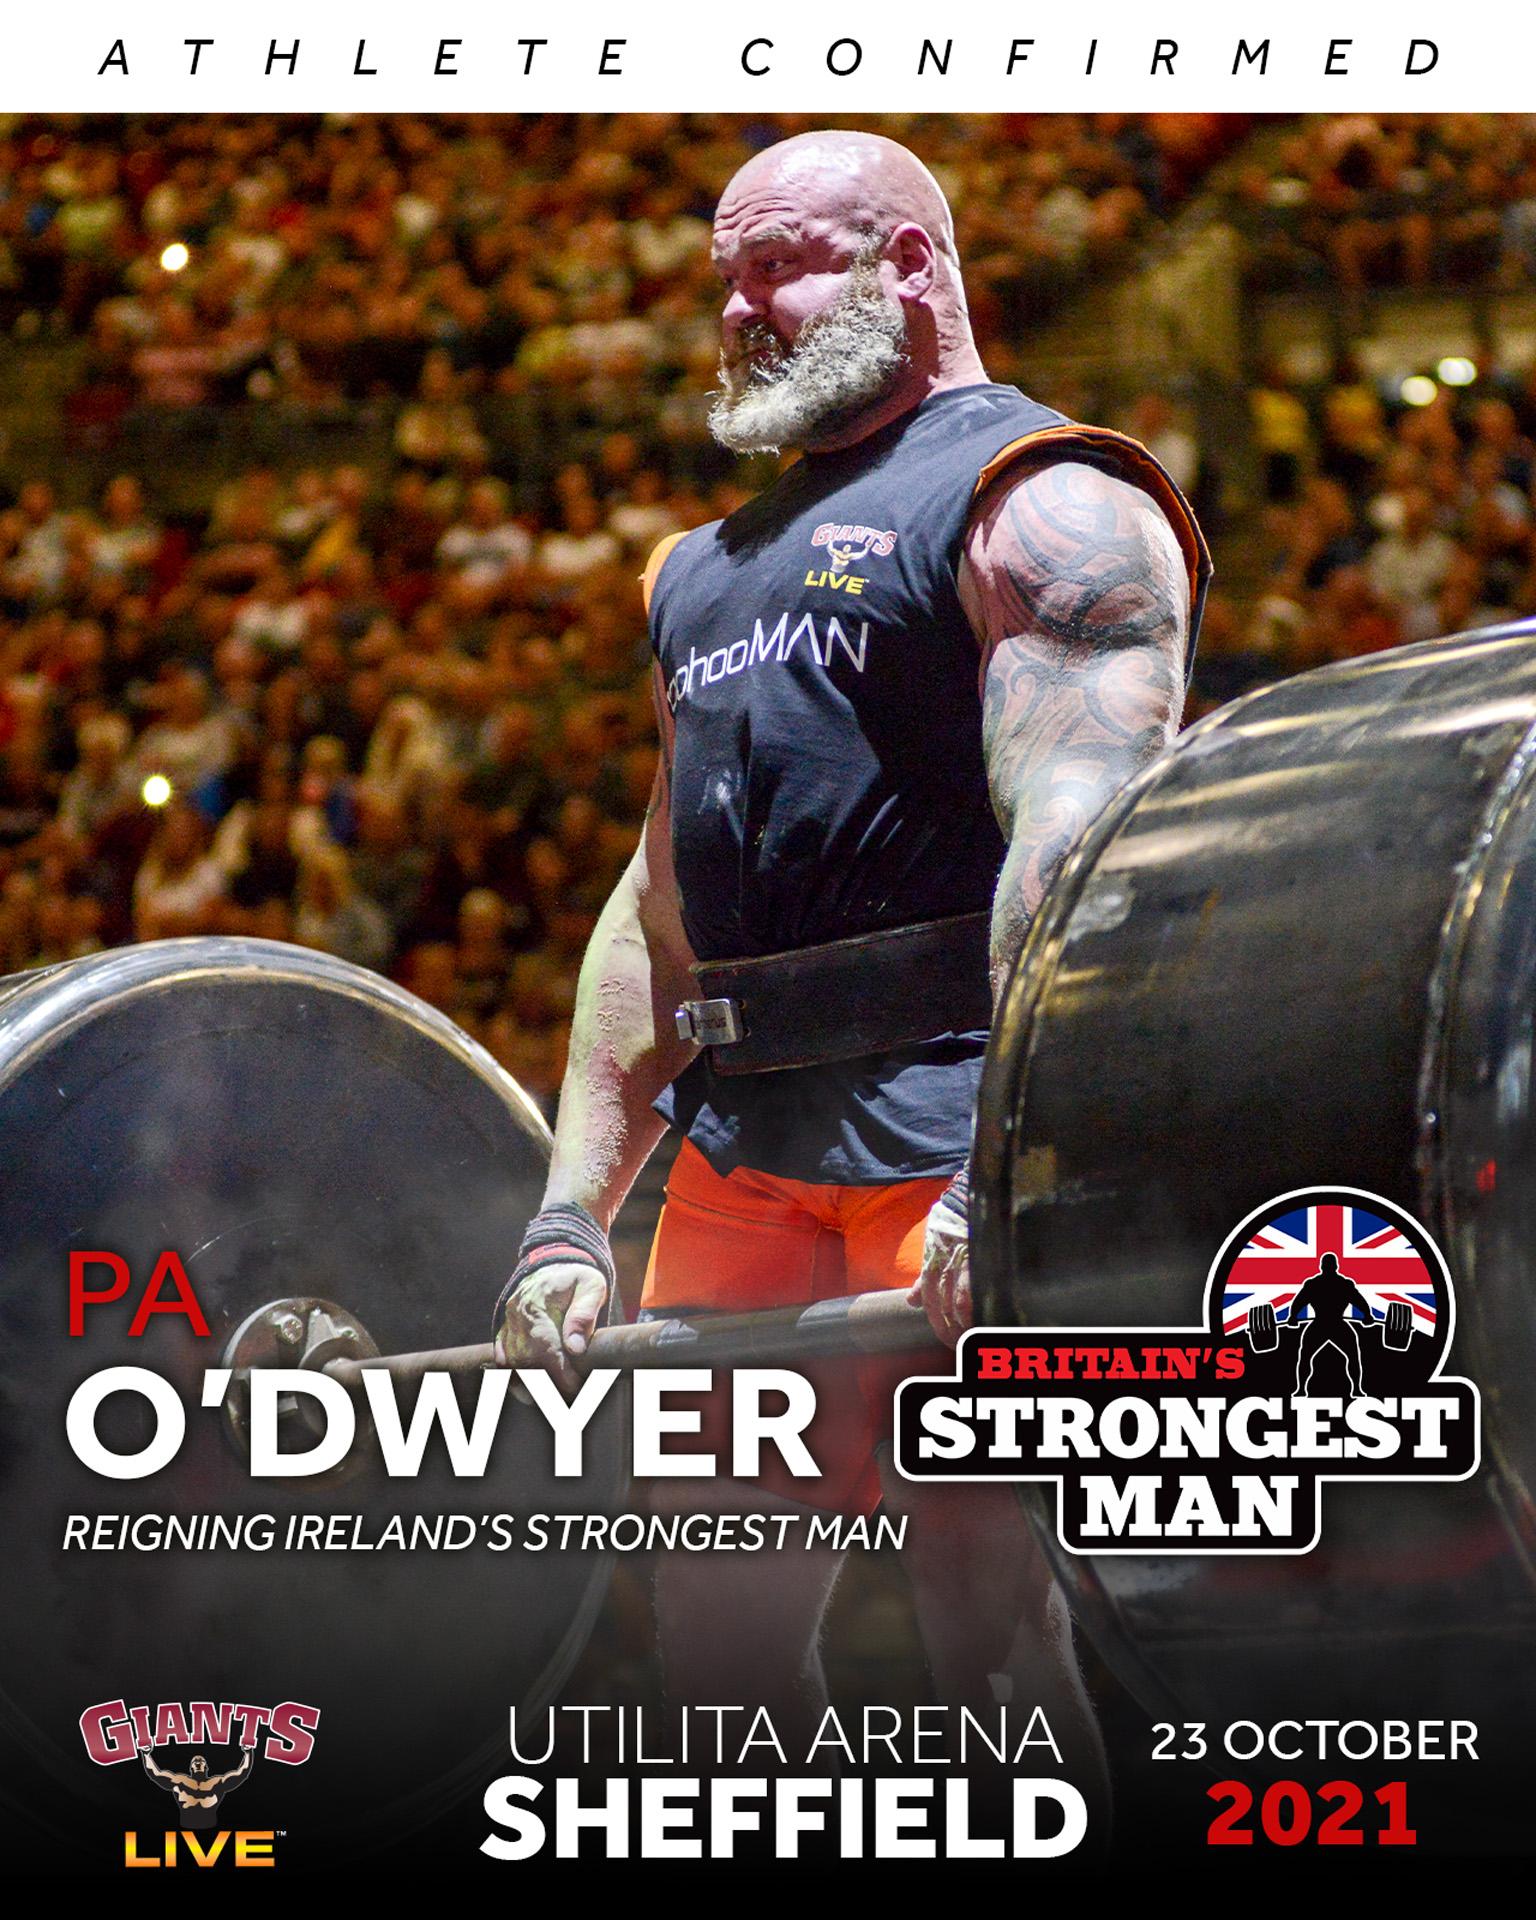 Pa O'Dwyer